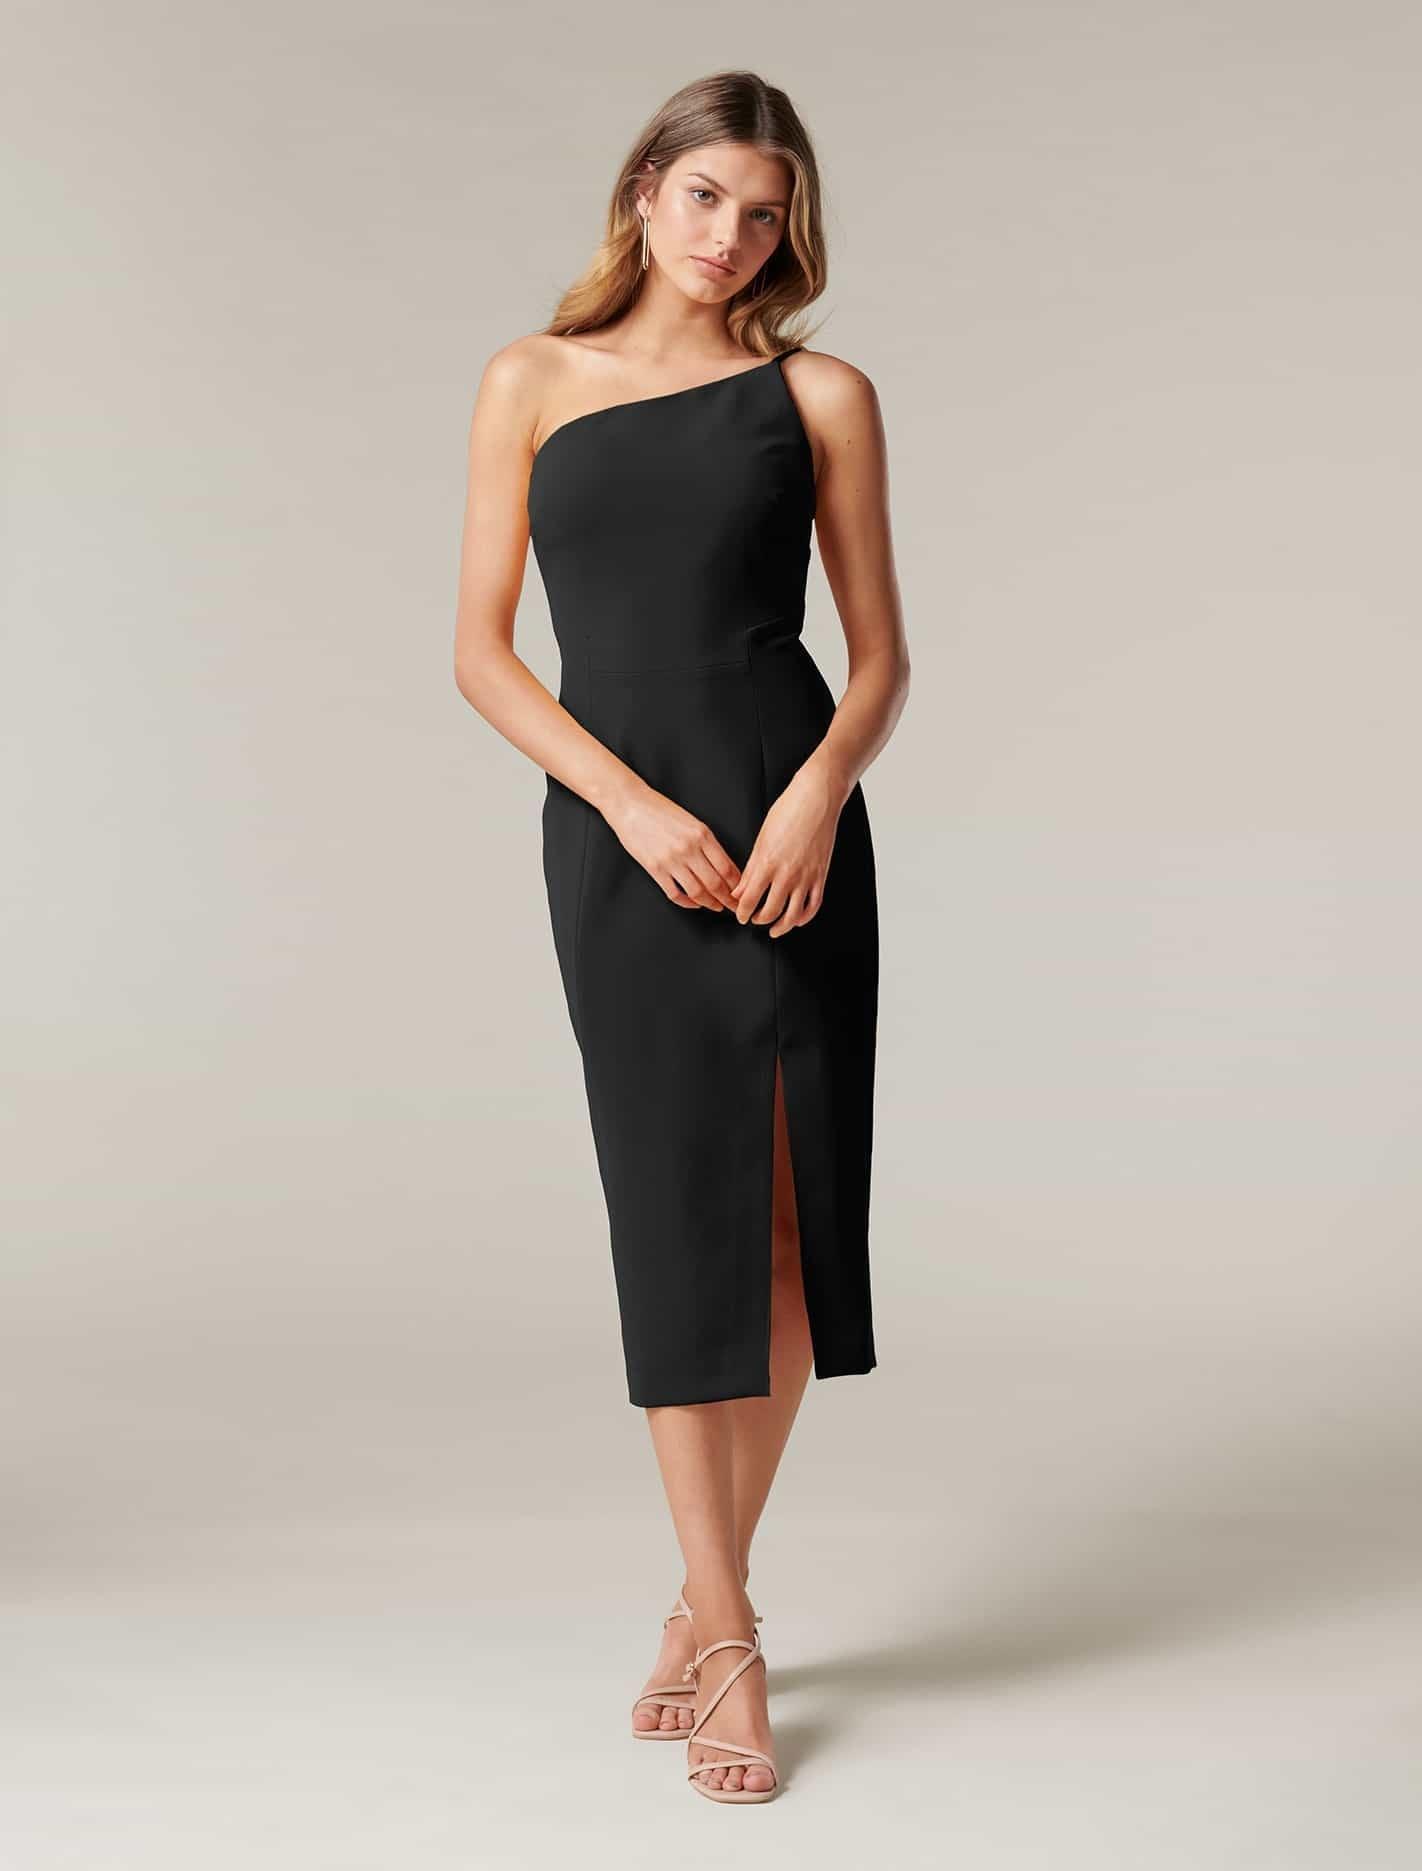 Forever New Black Cocktail Dress